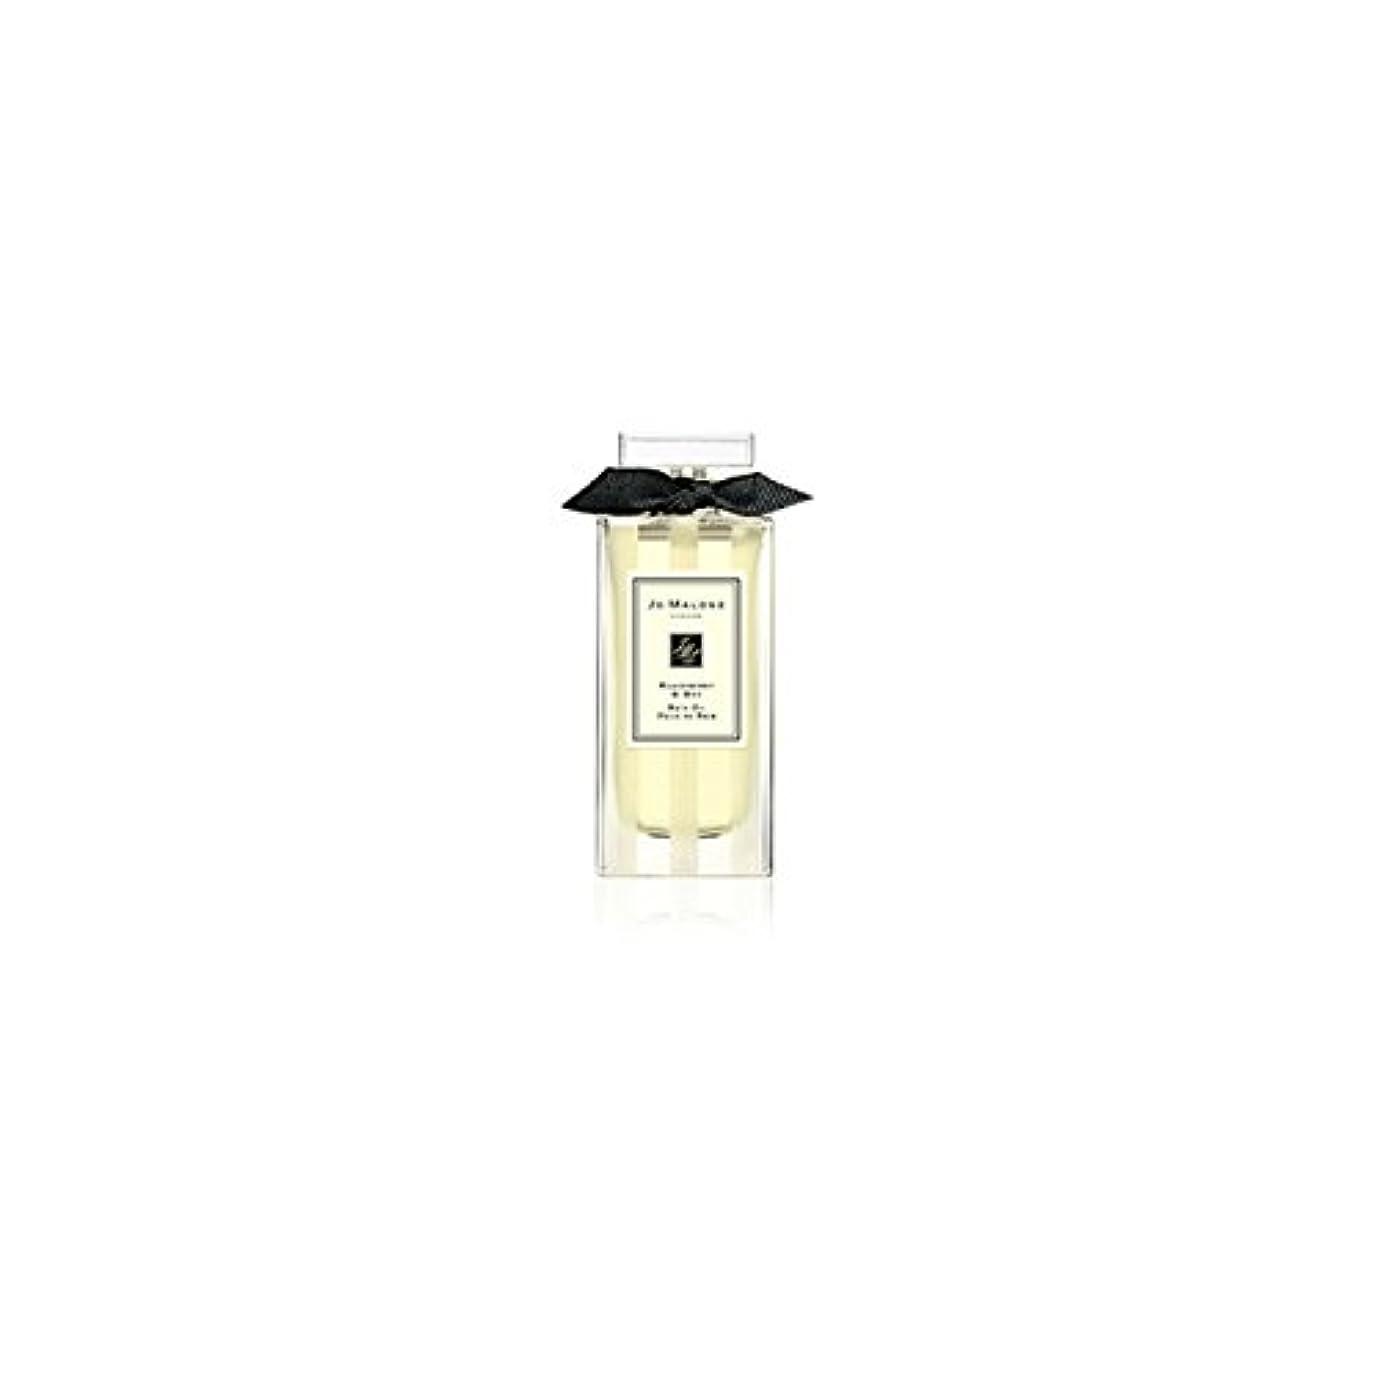 エリート味求人Jo Malone Blackberry & Bay Bath Oil - 30ml (Pack of 6) - ジョーマローンブラックベリー&ベイバスオイル - 30ミリリットル (x6) [並行輸入品]